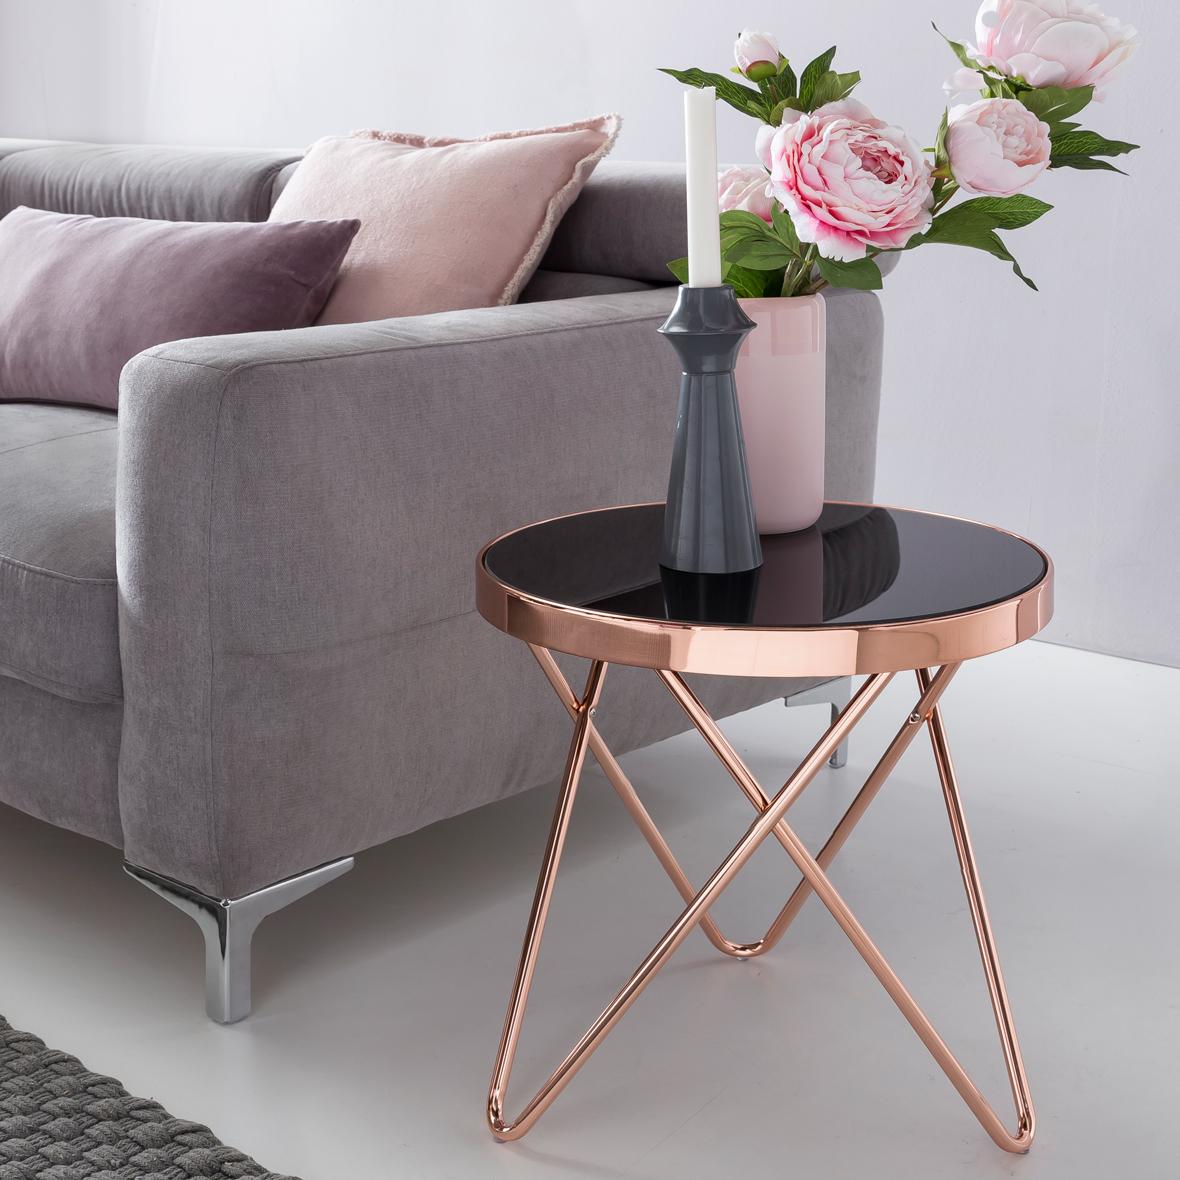 Design Couchtisch ROUND MINI ø 42 cm Rund Glas Kupfer | Lounge ...